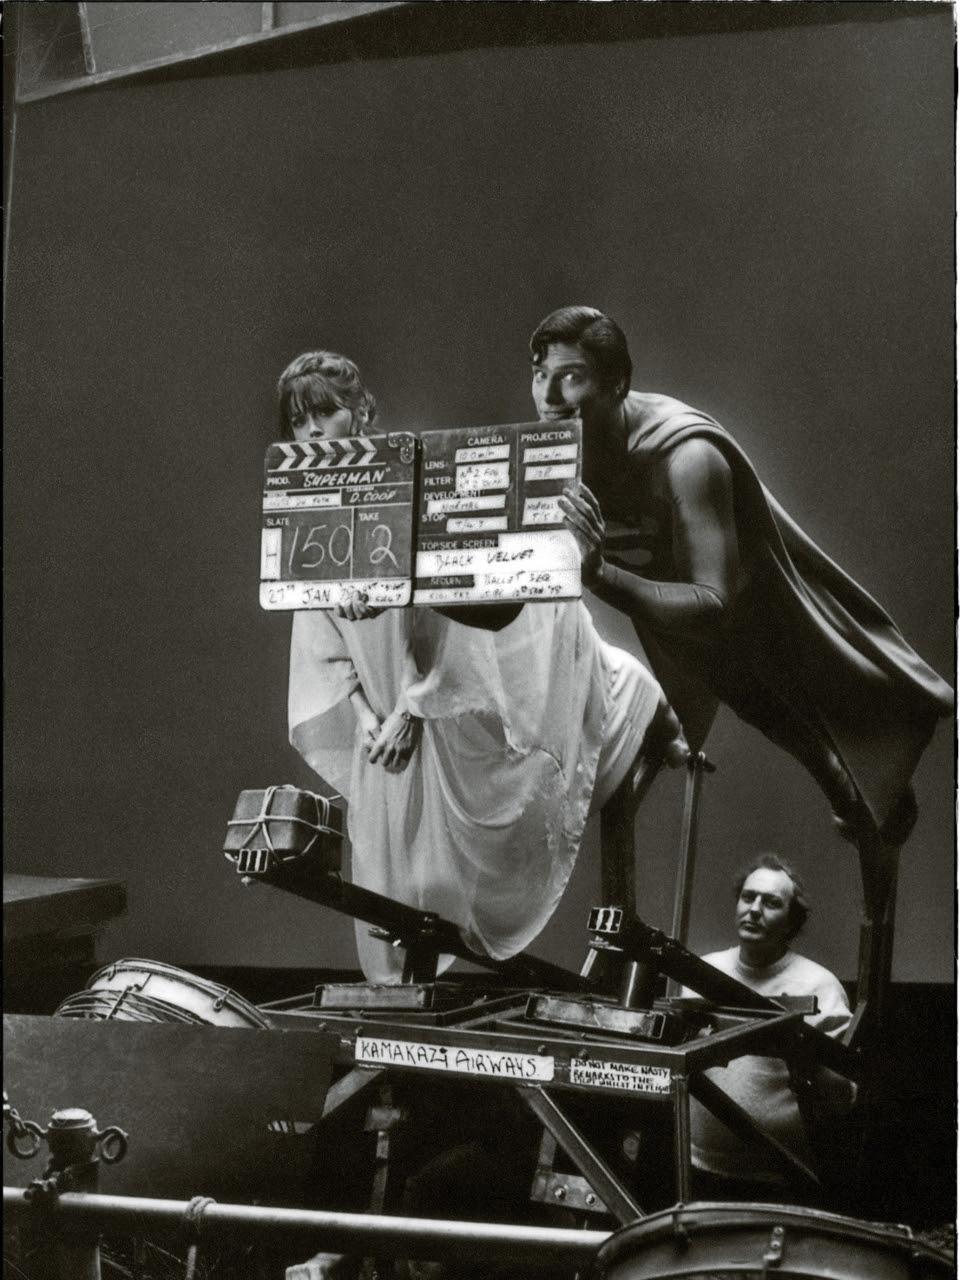 photo tournage coulisse cinema Superman 19 Photos sur des tournages de films #2  photo featured cinema 2 bonus